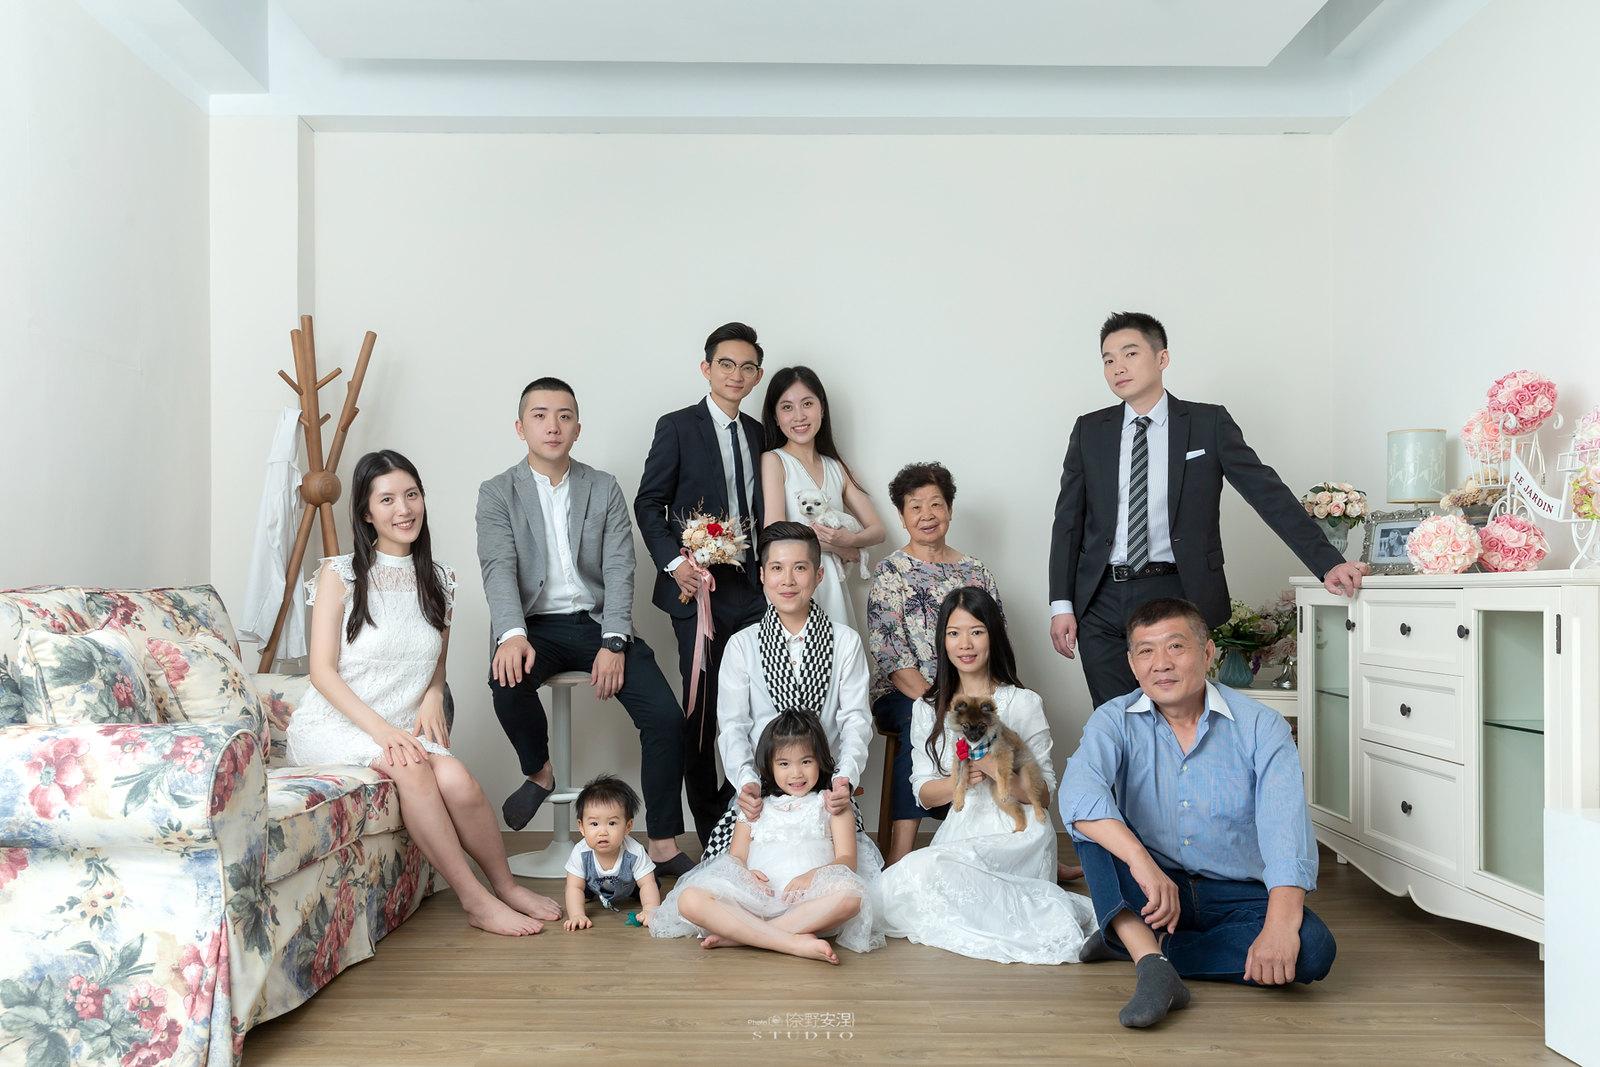 台南全家福 | 拋棄傳統合照的彆扭,忠實呈現家人間最親密的情感1